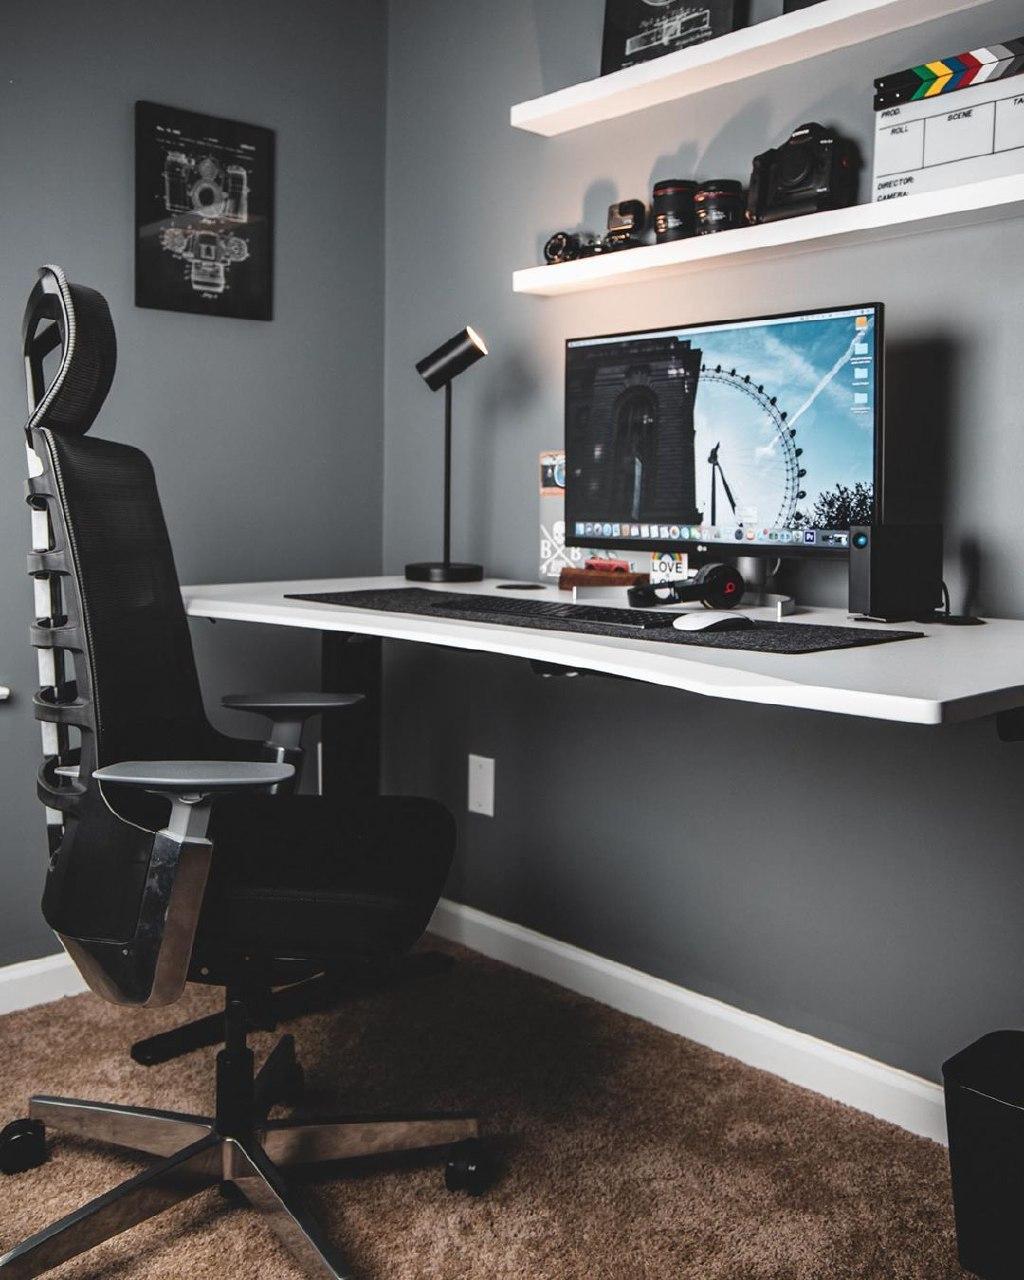 Awesome setup